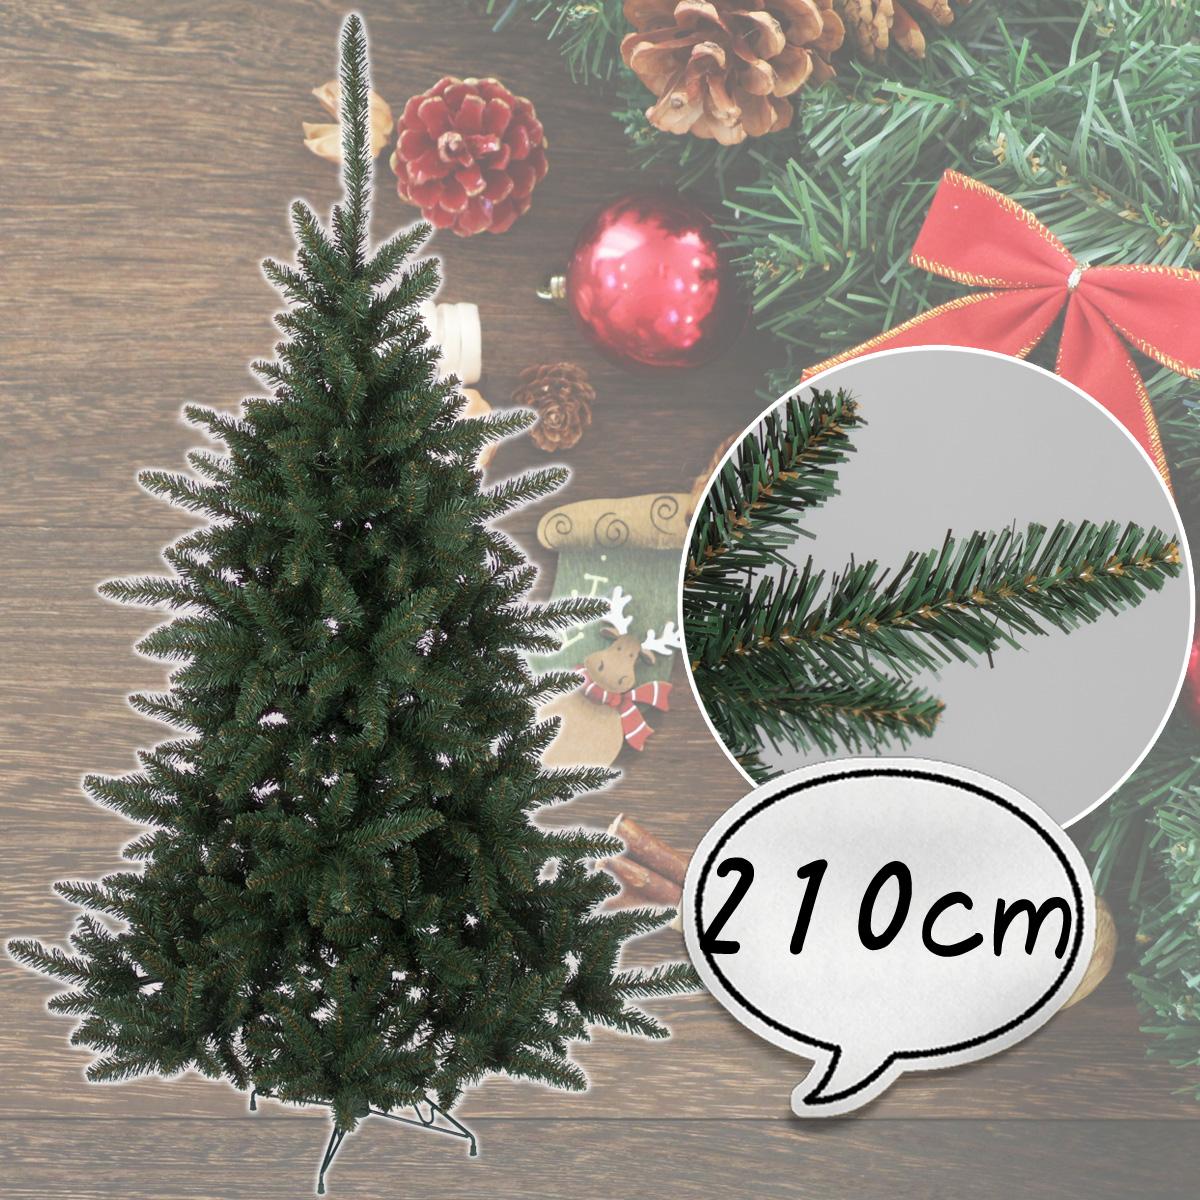 クリスマスツリー 210cm [ツリー 木 単品 ] ロイヤルモントレーツリー ツリー単品 北欧 おしゃれ